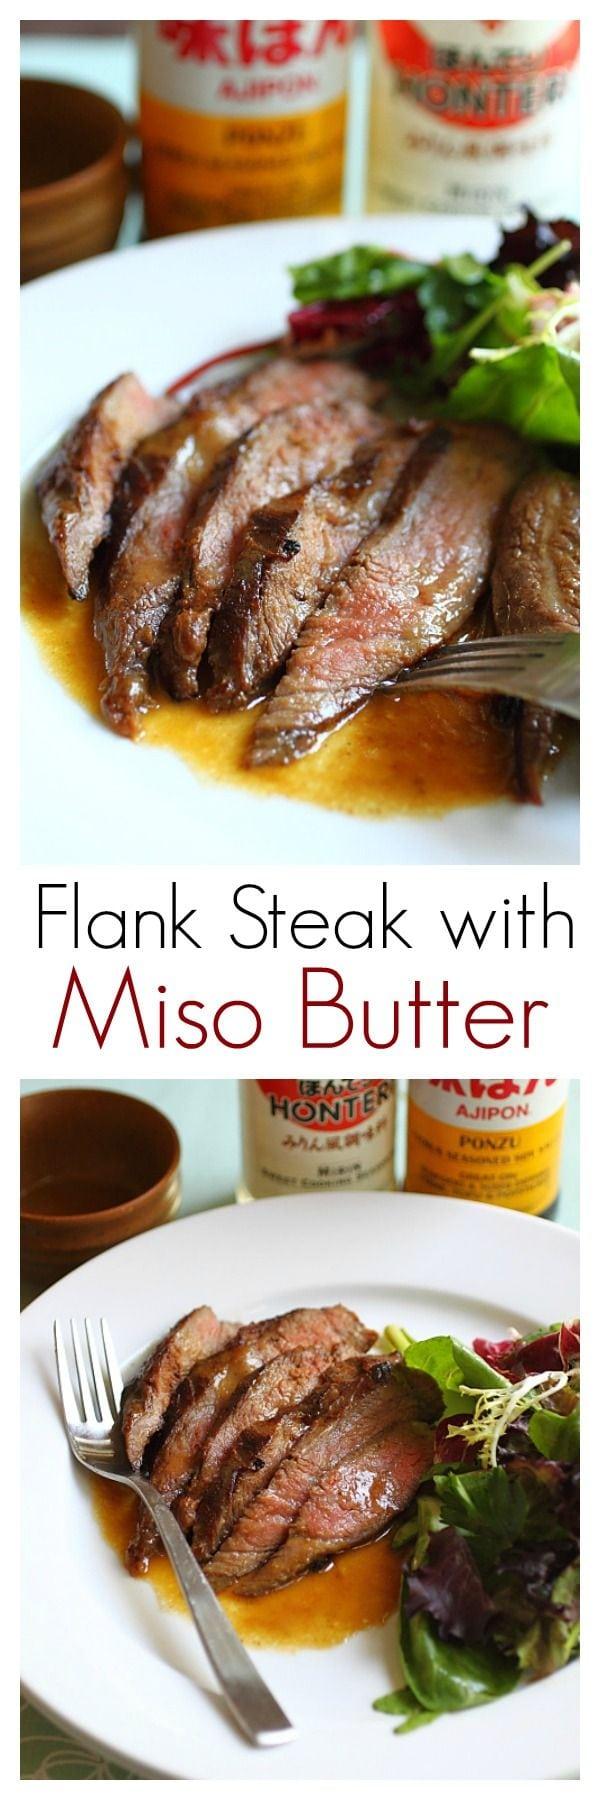 Bifteck de flanc grillé avec marinade de ponzu, miso et beurre.  Cette recette de bifteck de flanc est facile et donne un steak tendre, juteux et savoureux |  rasamalaysia.com